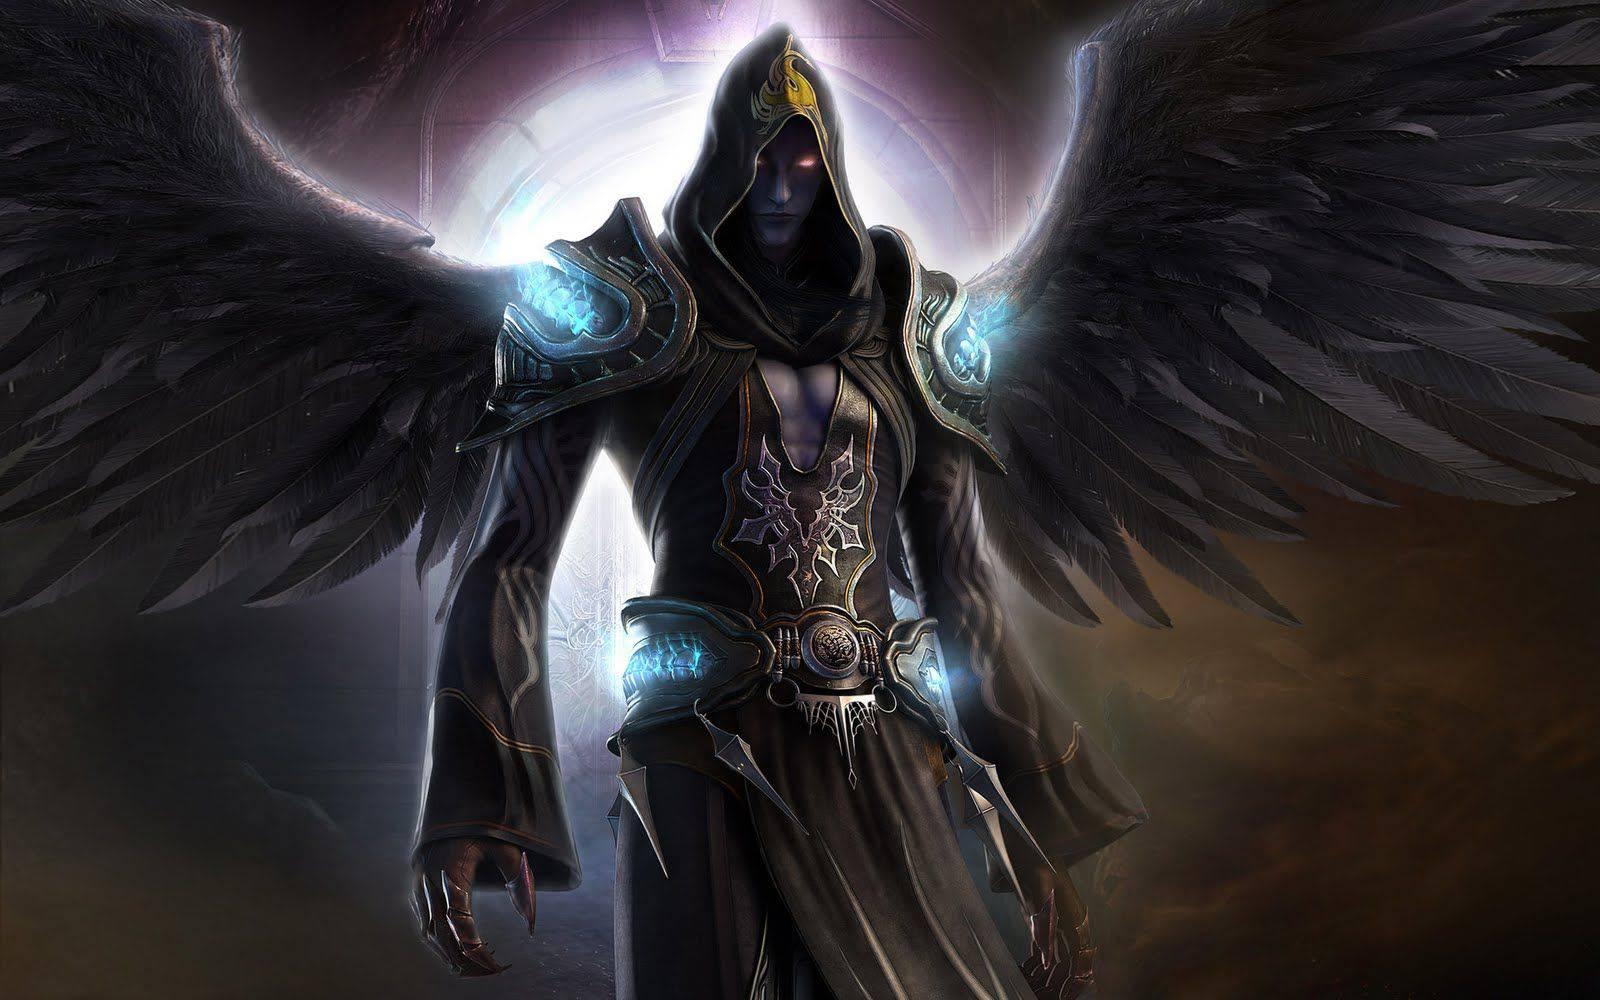 Anche quando si parla degli Angeli, bisogna stare attenti